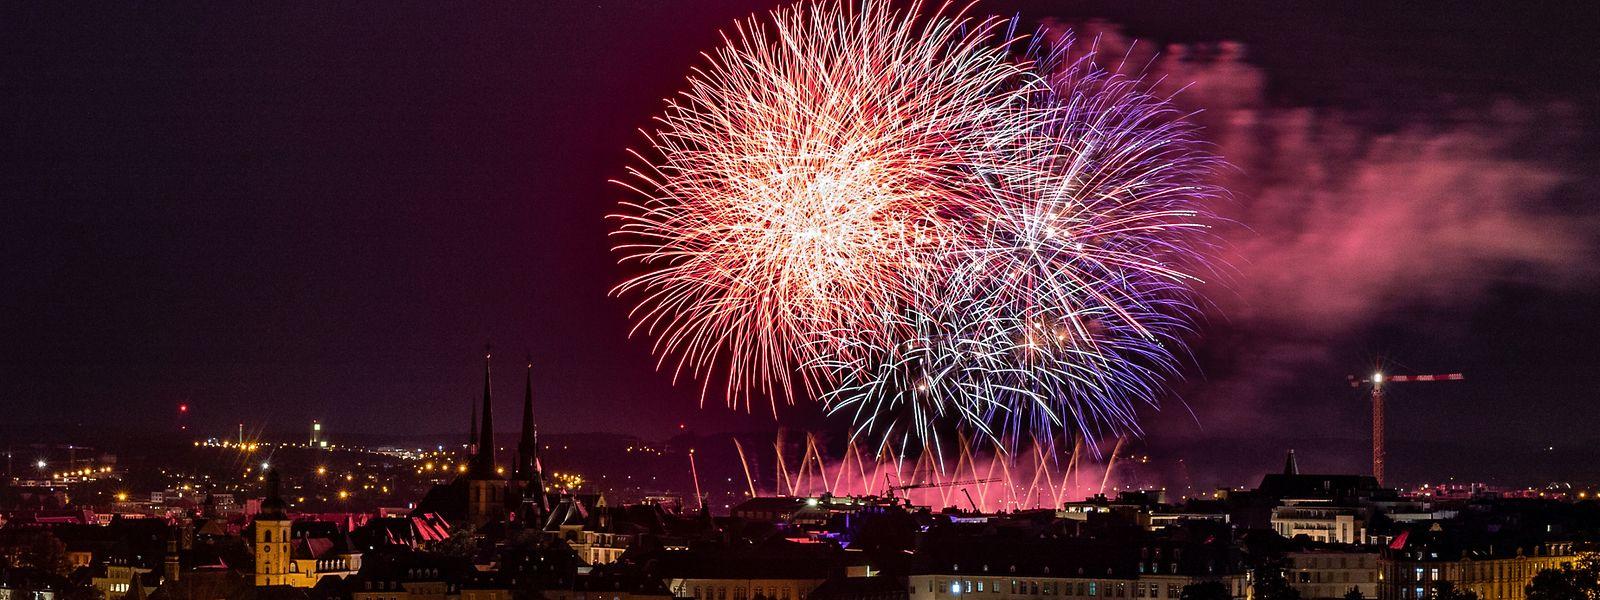 Das Feuerwerk zum Nationalfeiertag 2019 erhellte den Nachthimmel über der Hauptstadt.